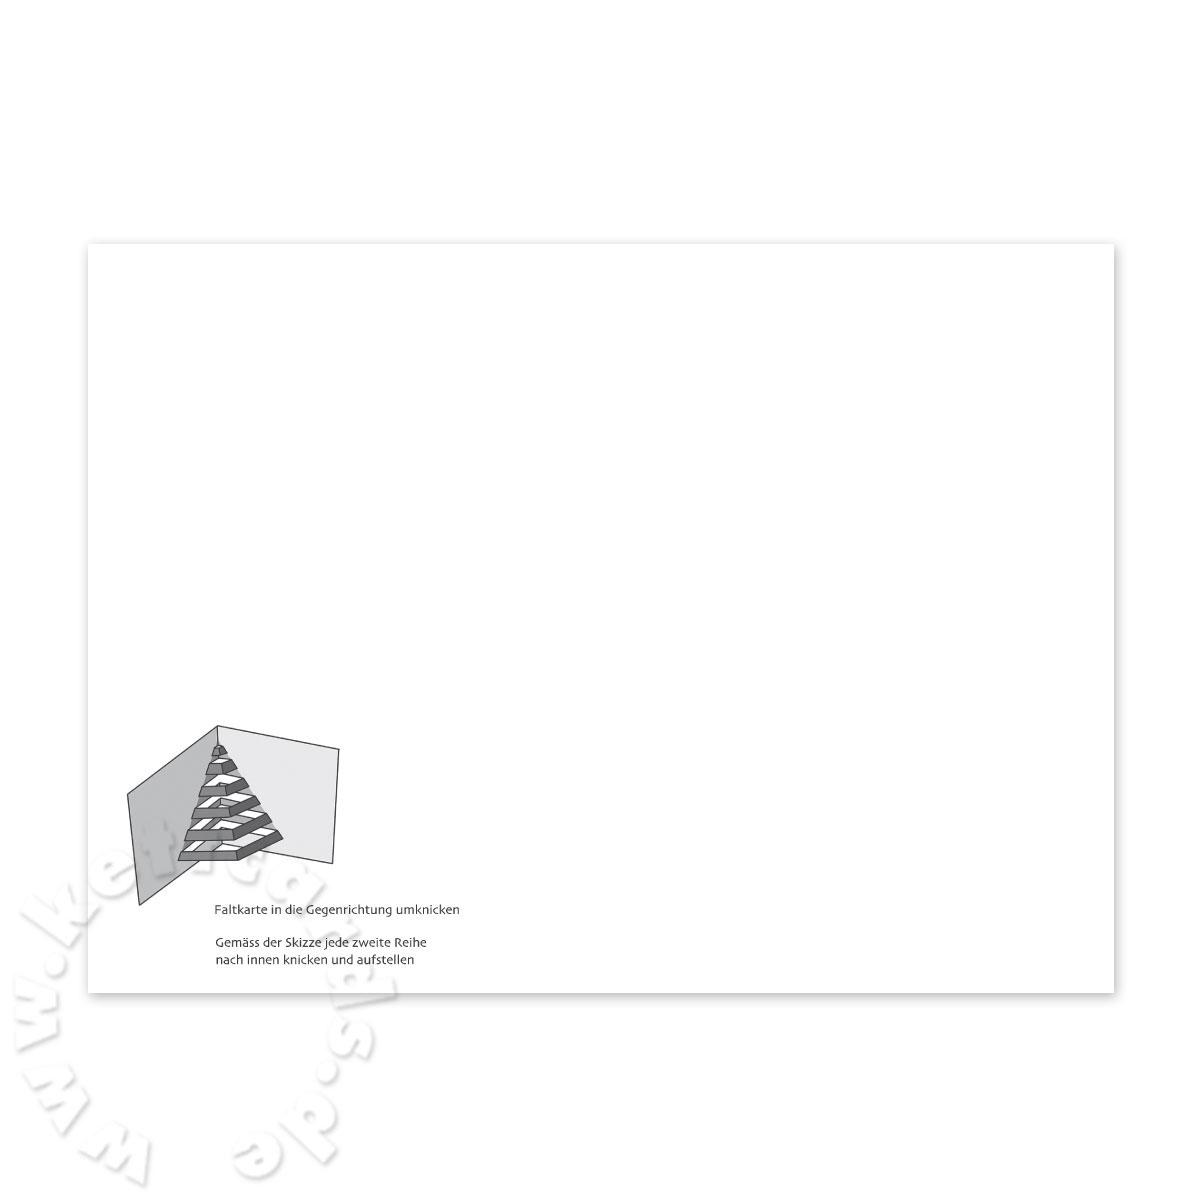 Einlegeblätter Für Weihnachtskarten.Bedruckte Einlegeblätter Für Weihnachtskarten